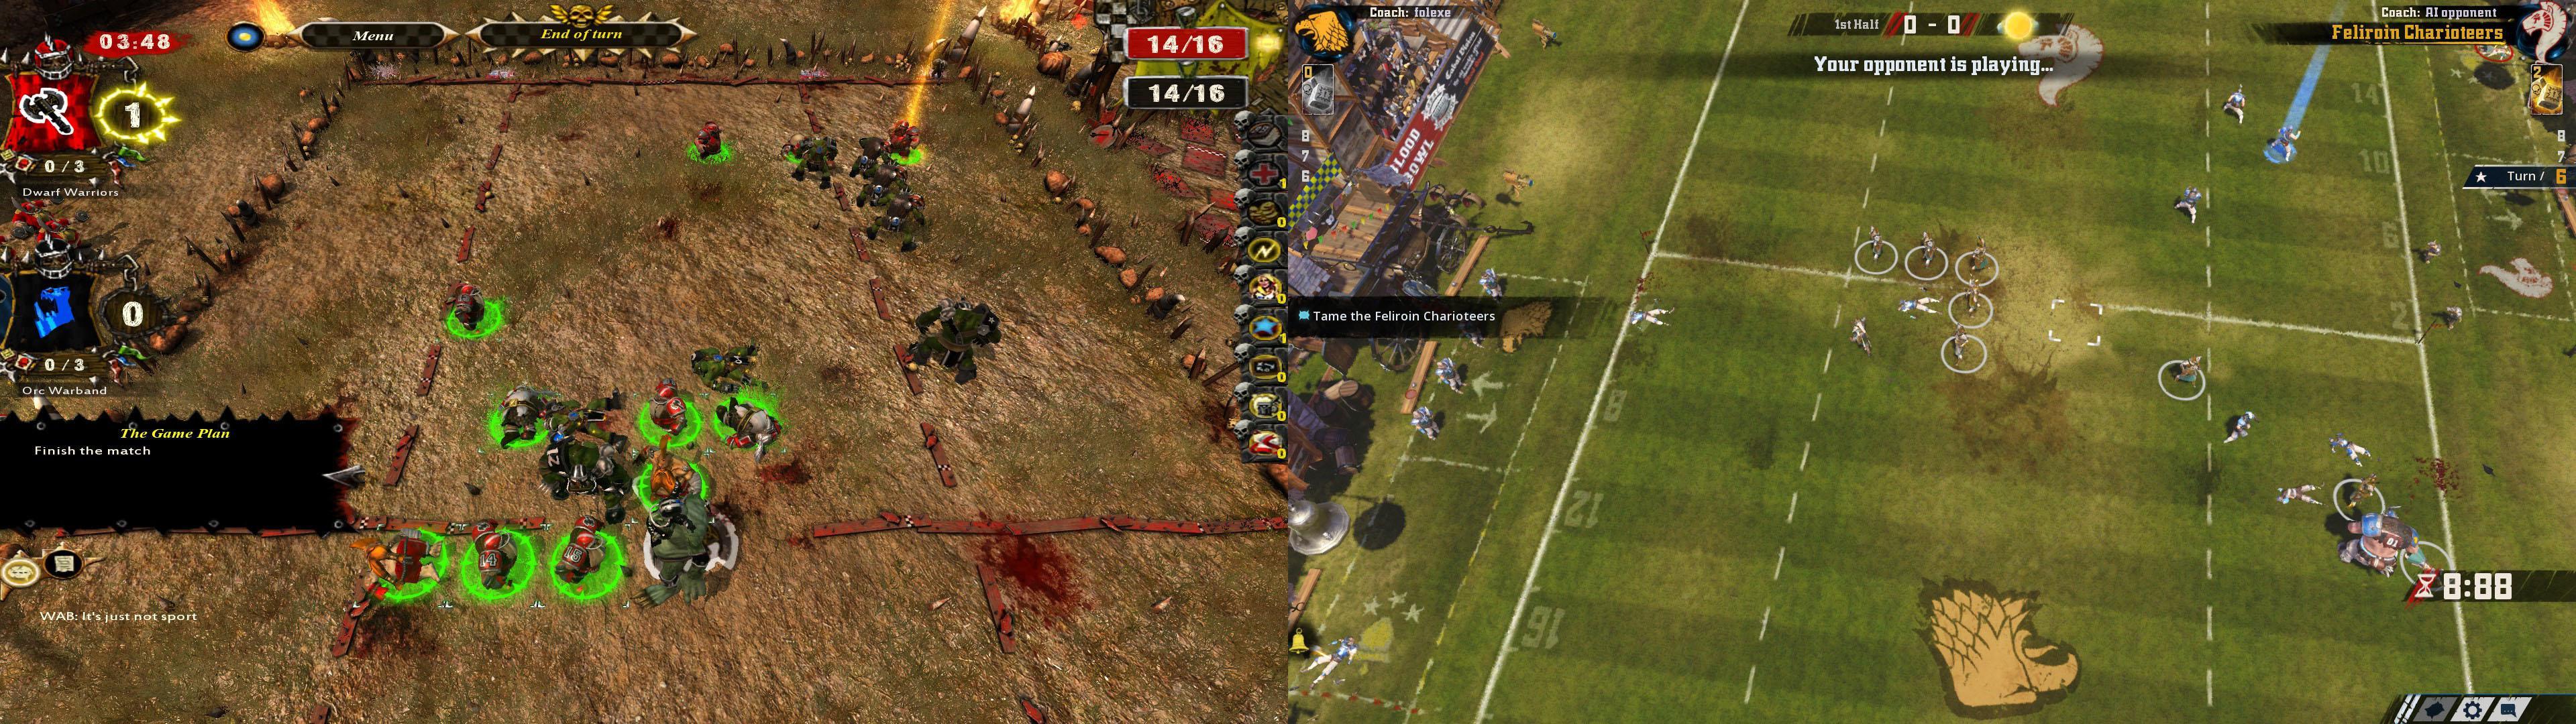 前作『Blood Bowl: Chaos Editon』(画像左)と本作(画像右)の画面比較。ゲームルールは同じだが、UIはファンタジー調にこだわるのをやめたことで、すっきりしたものとなった。